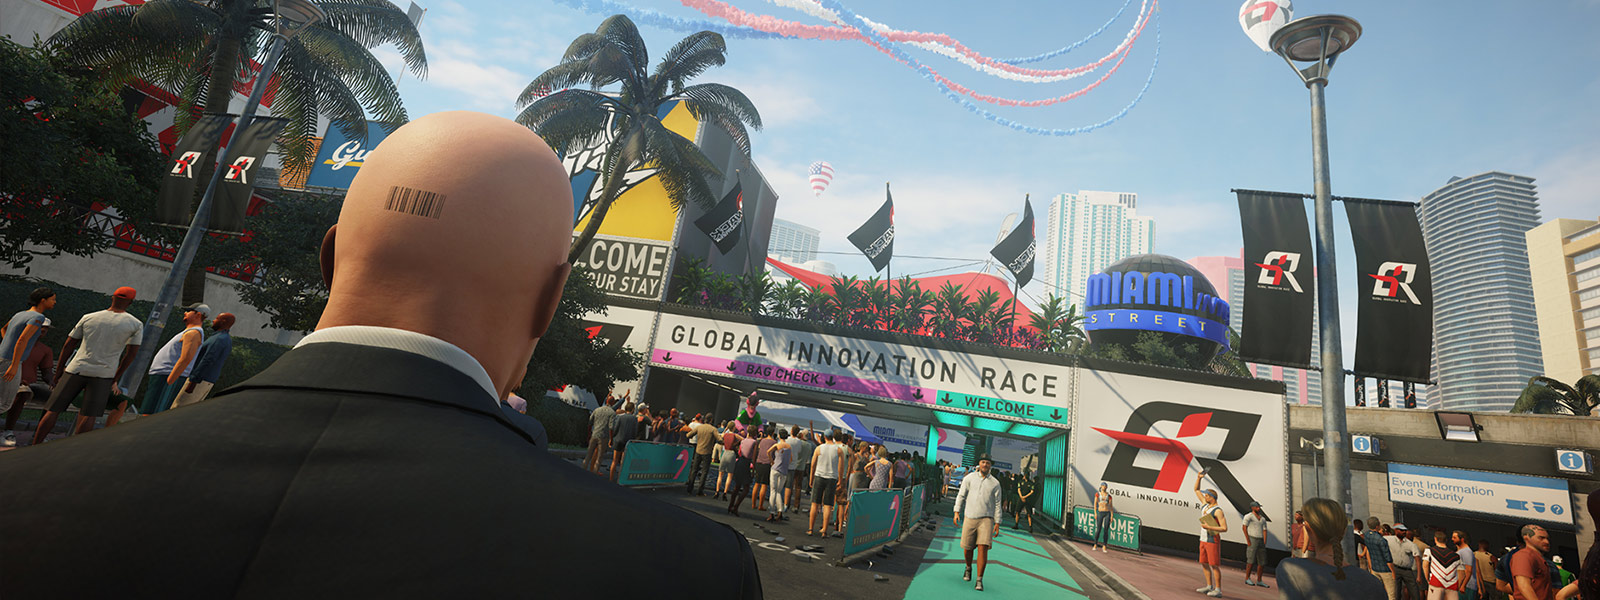 Vue arrière de l'agent47 se tenant dans un lieu fréquenté à l'entrée d'un circuit à Miami